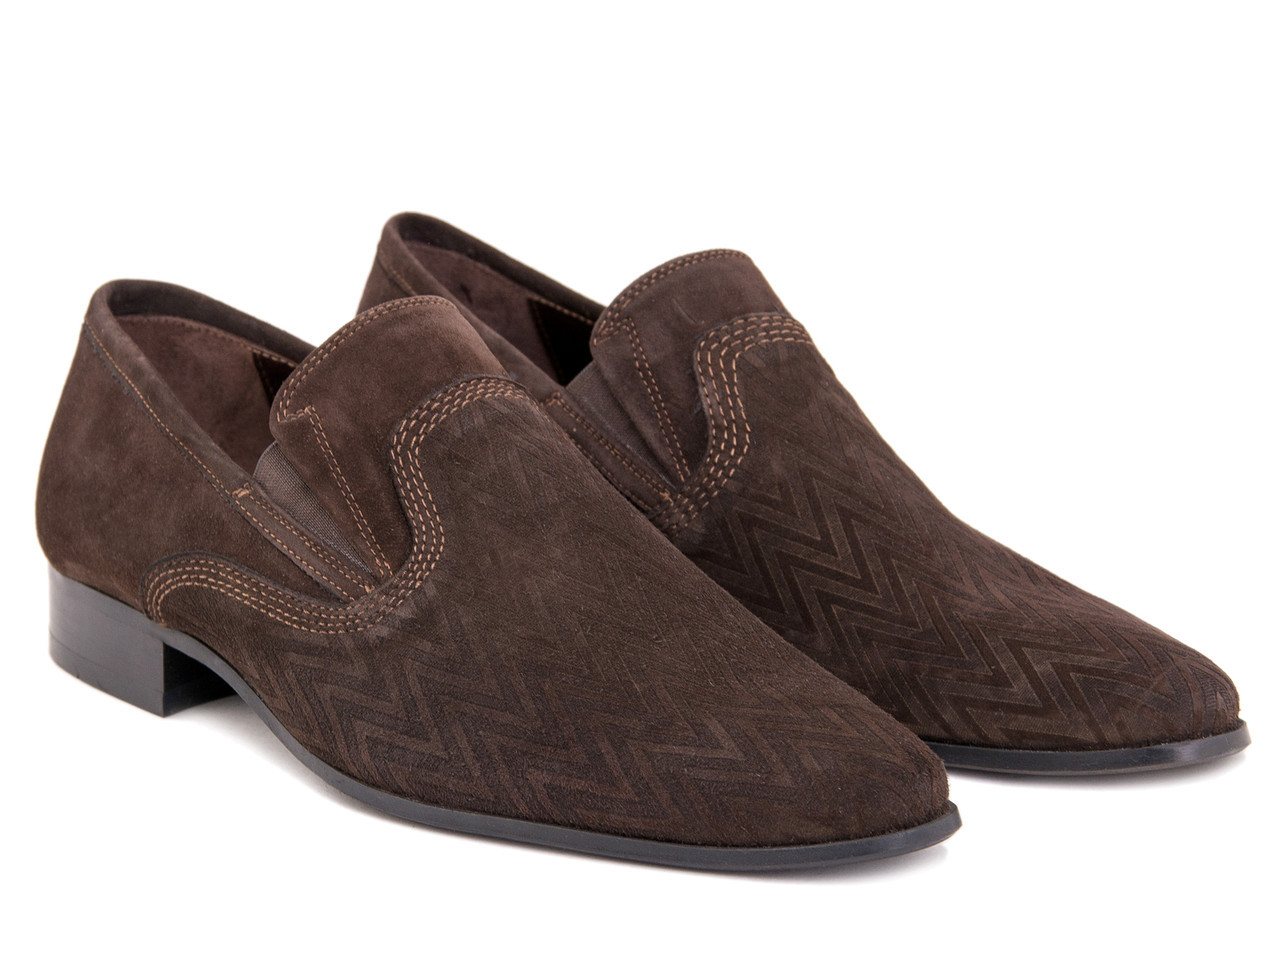 Туфли Etor 5842-5999 39 коричневые